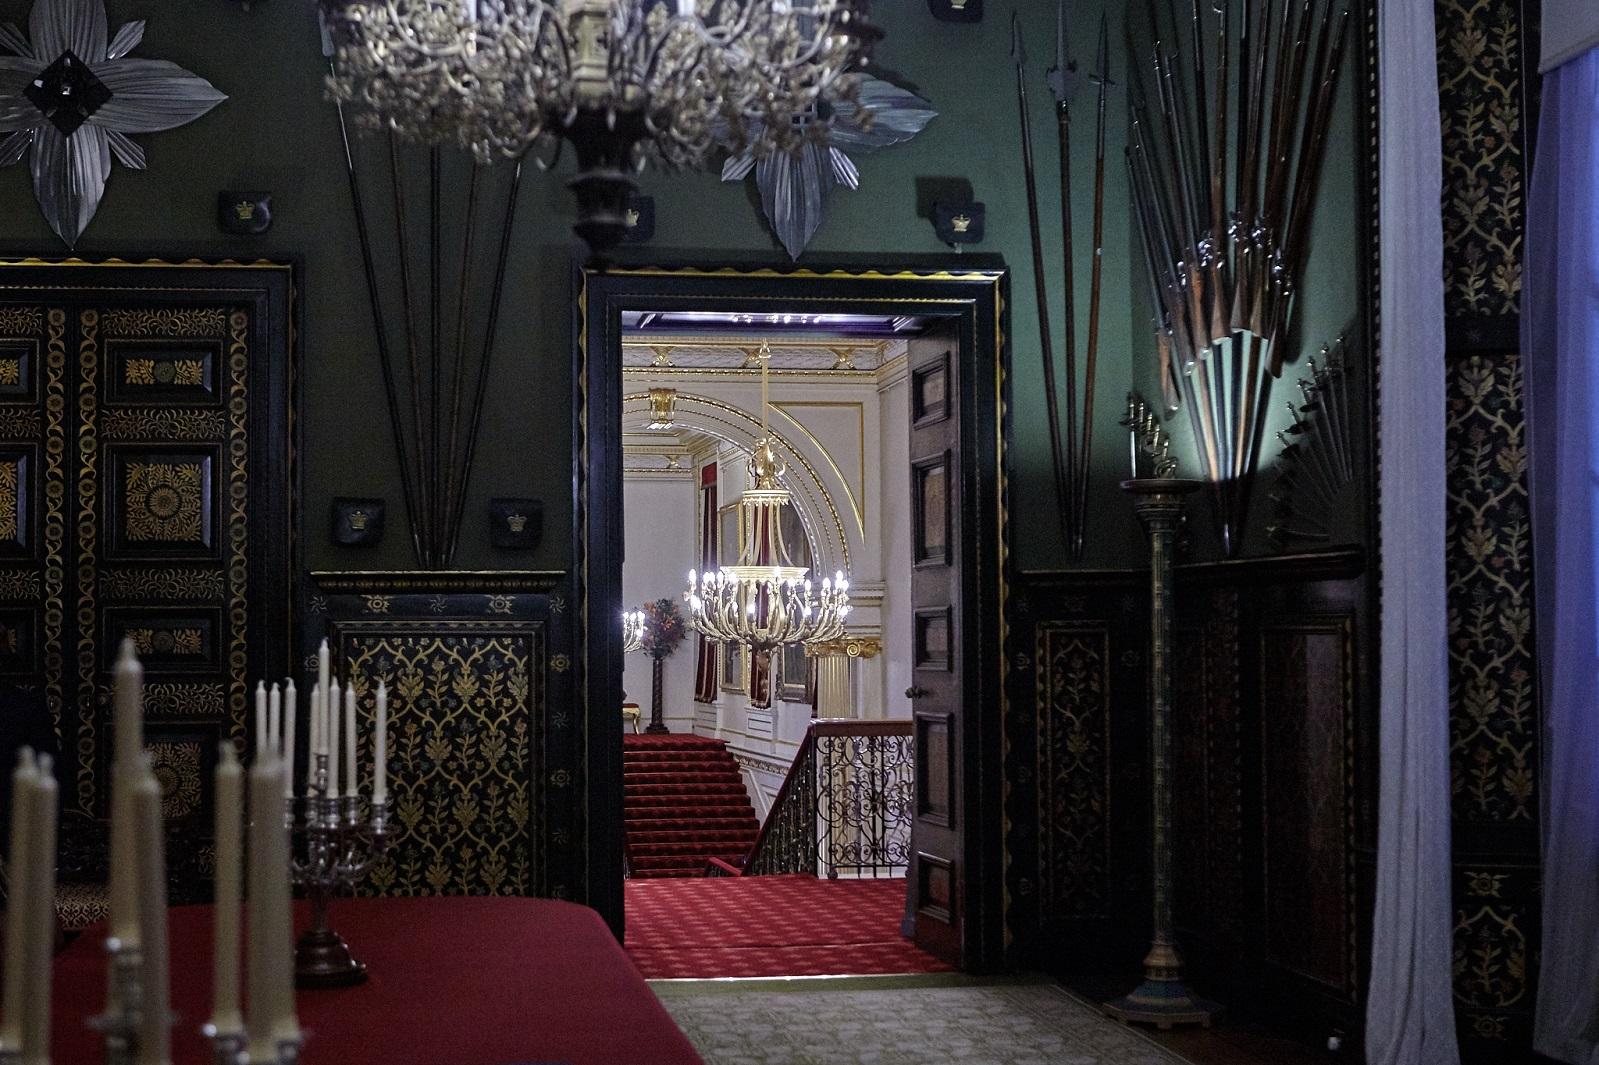 St James's Palace by Splento